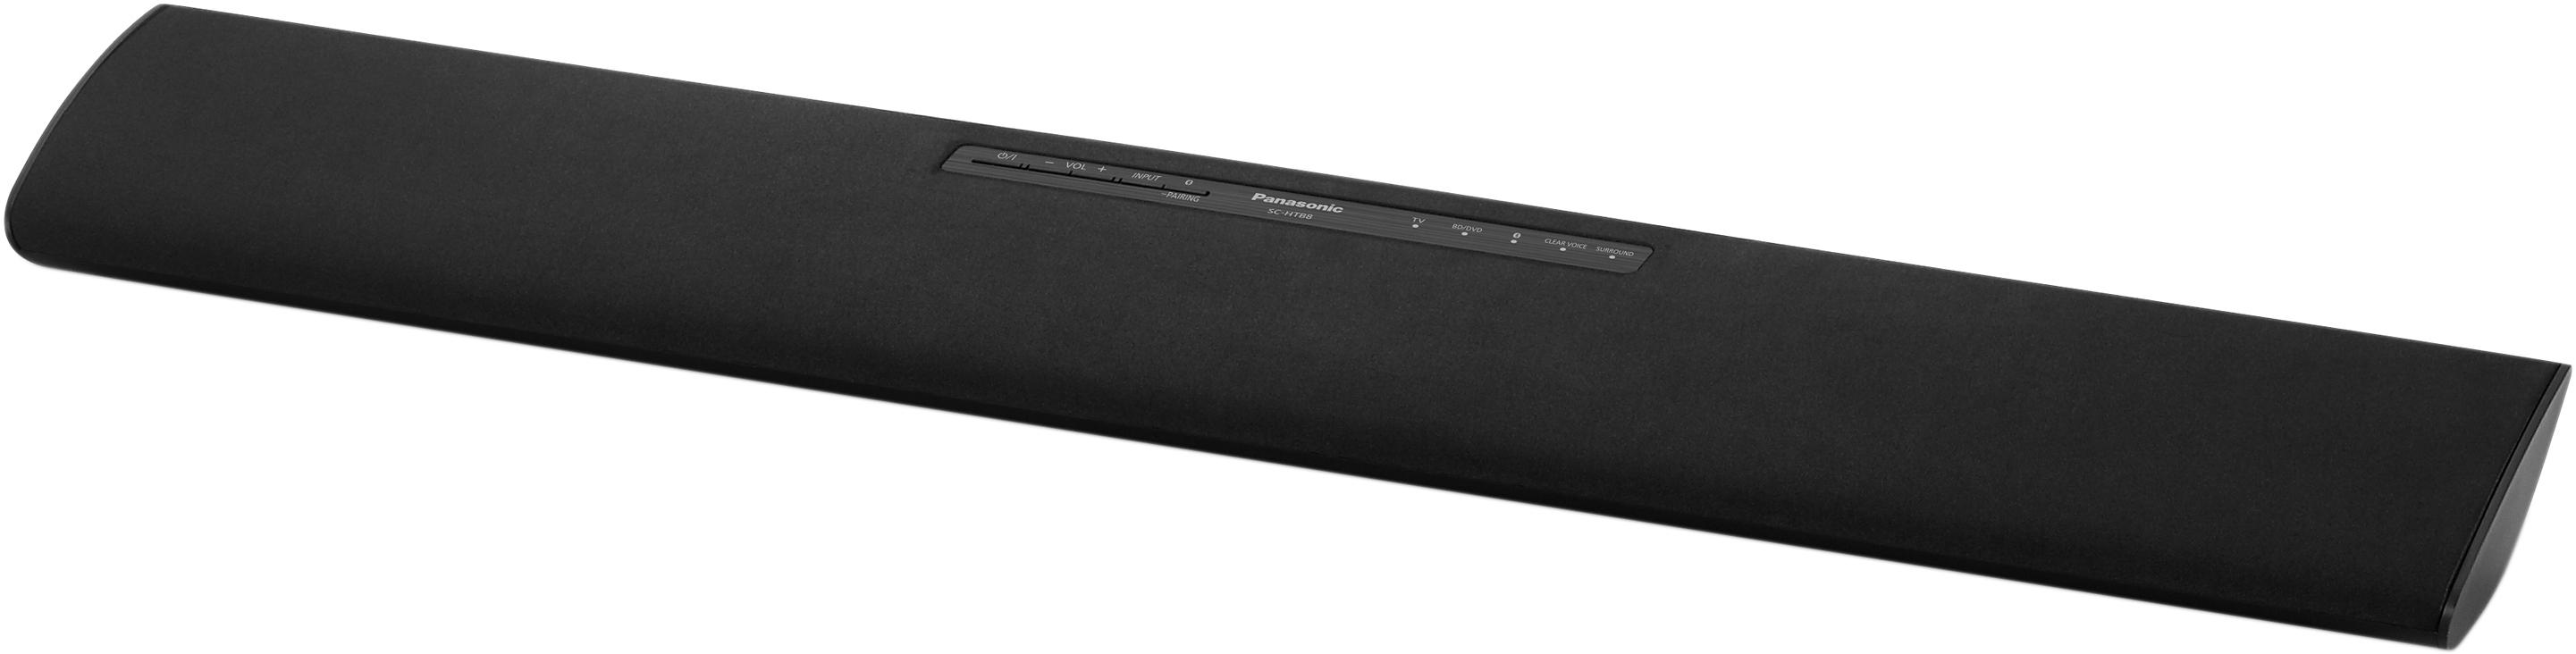 Panasonic SC-HTB8 thuisbioscoop, 80 W, Bluetooth in de webshop van OTTO kopen